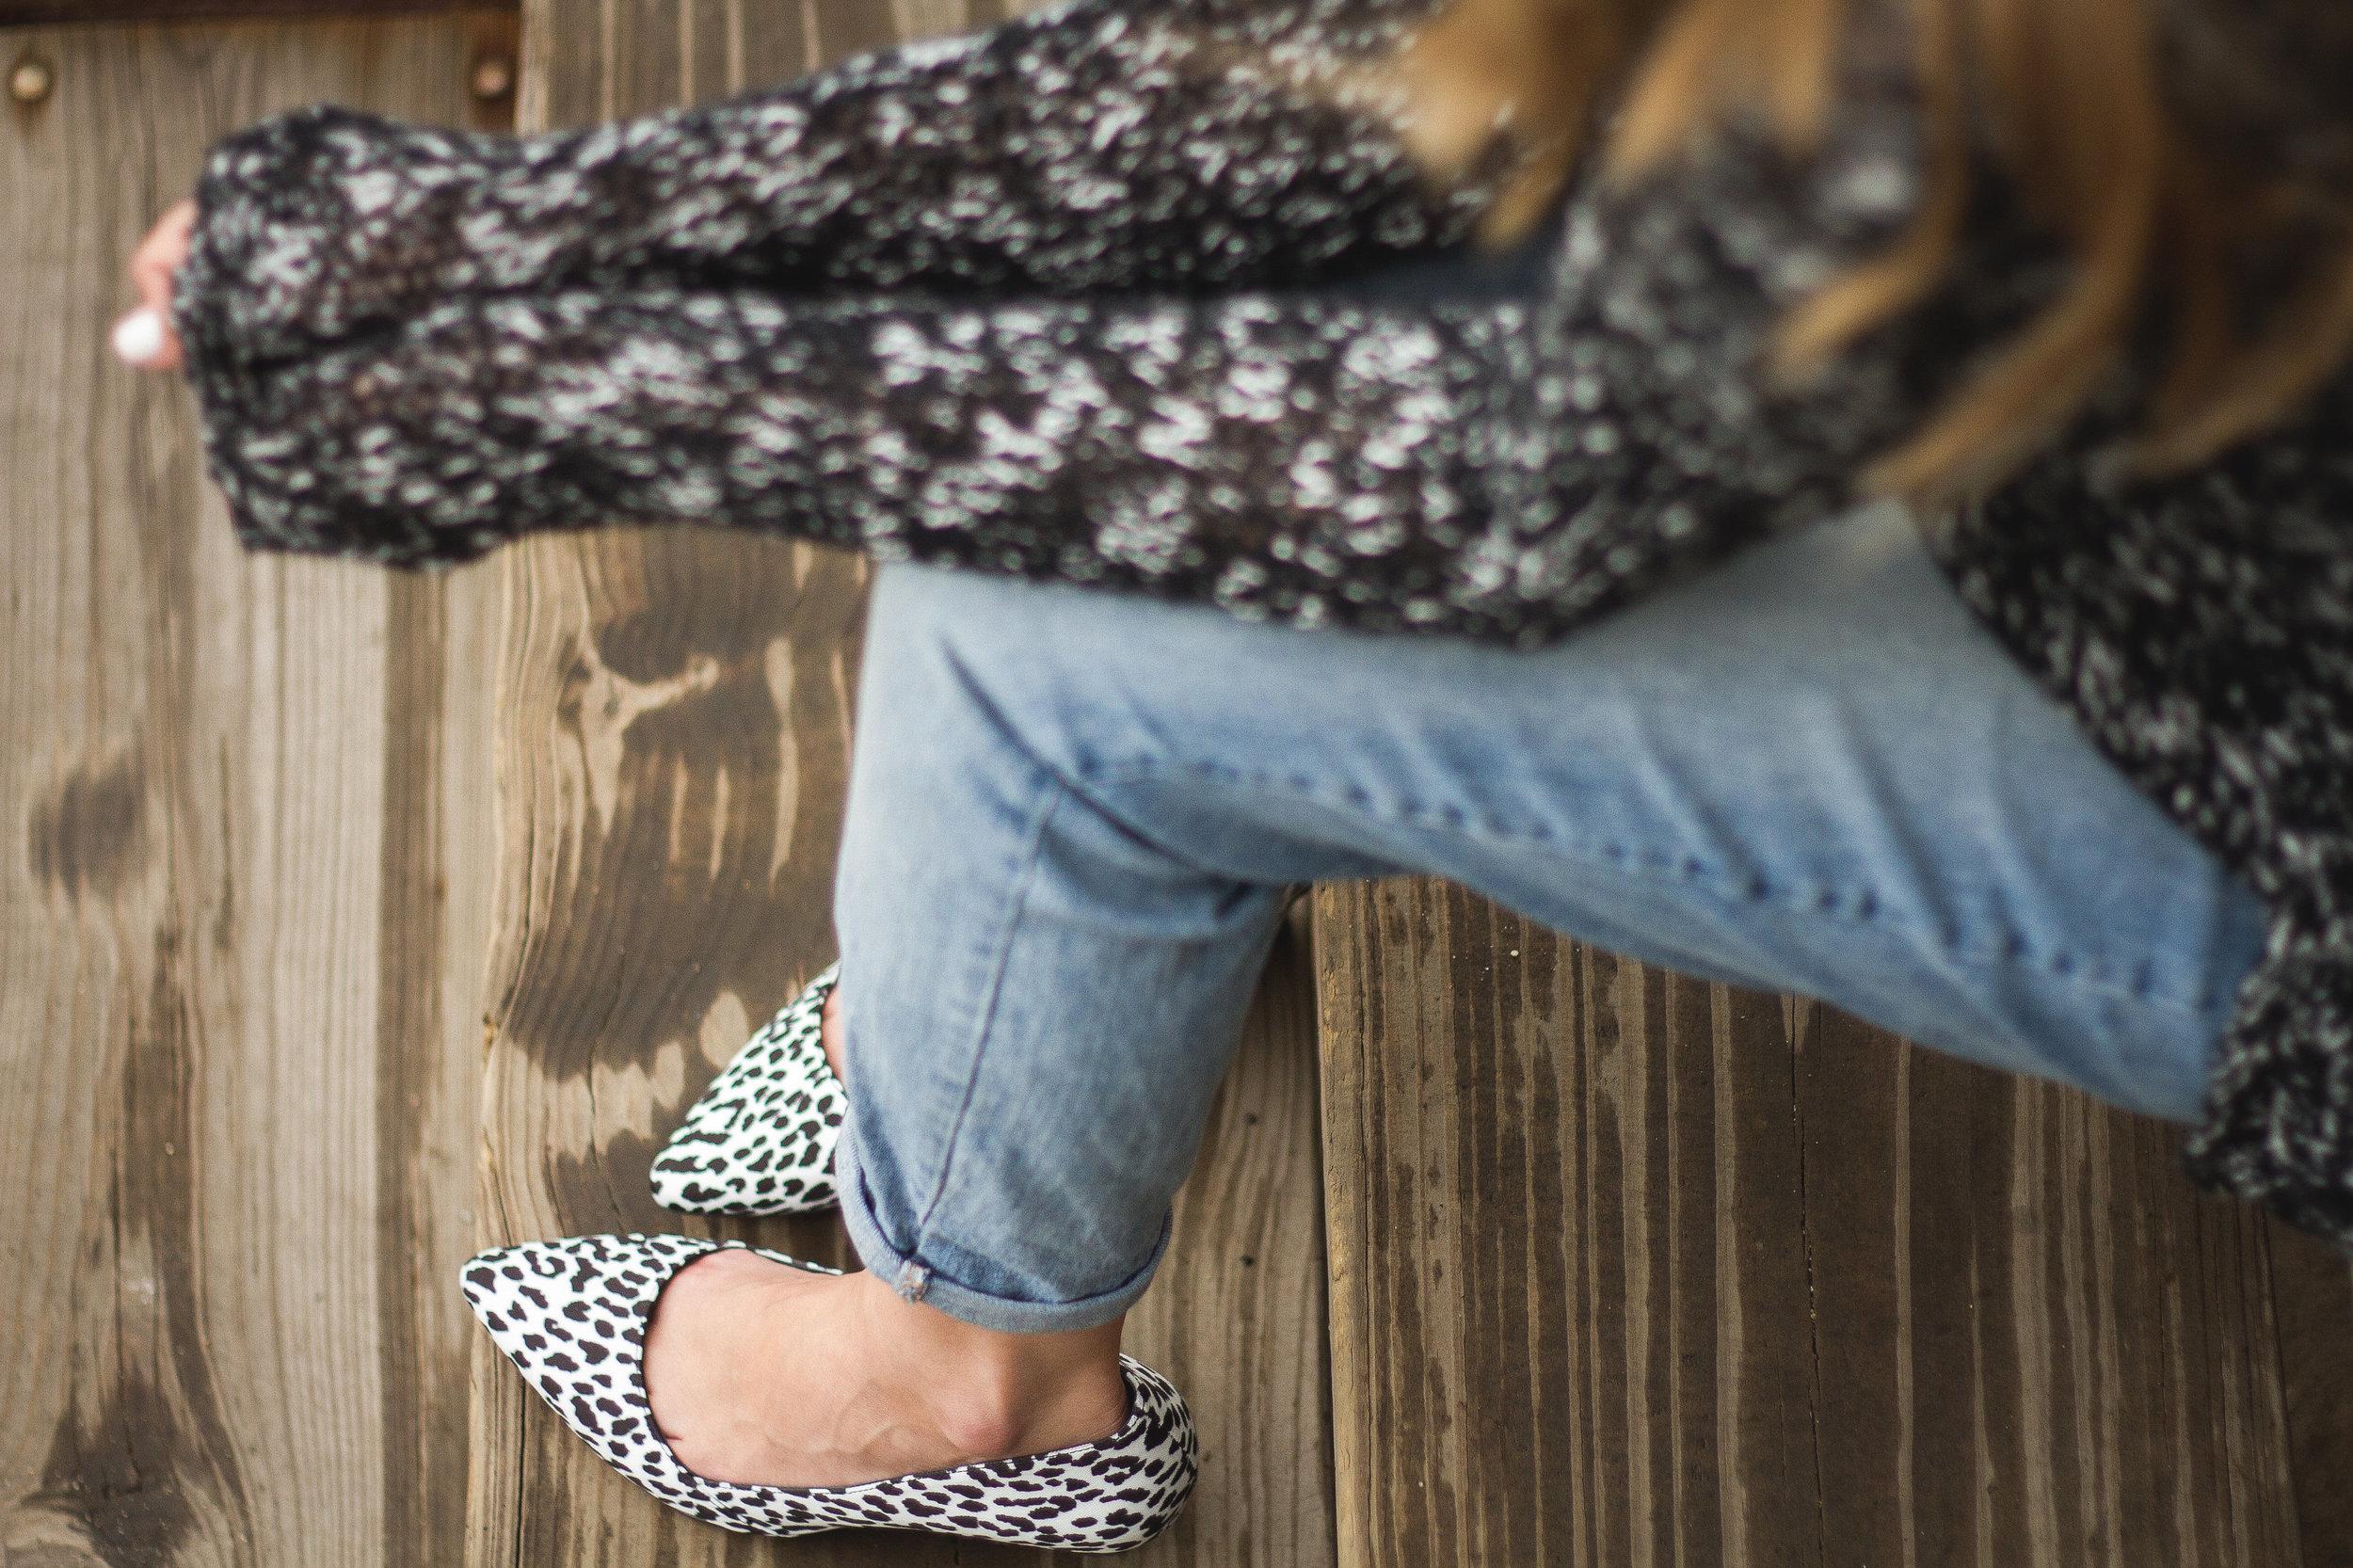 truelane in Shoes of Prey, Abercrombie, JustFab.jpg